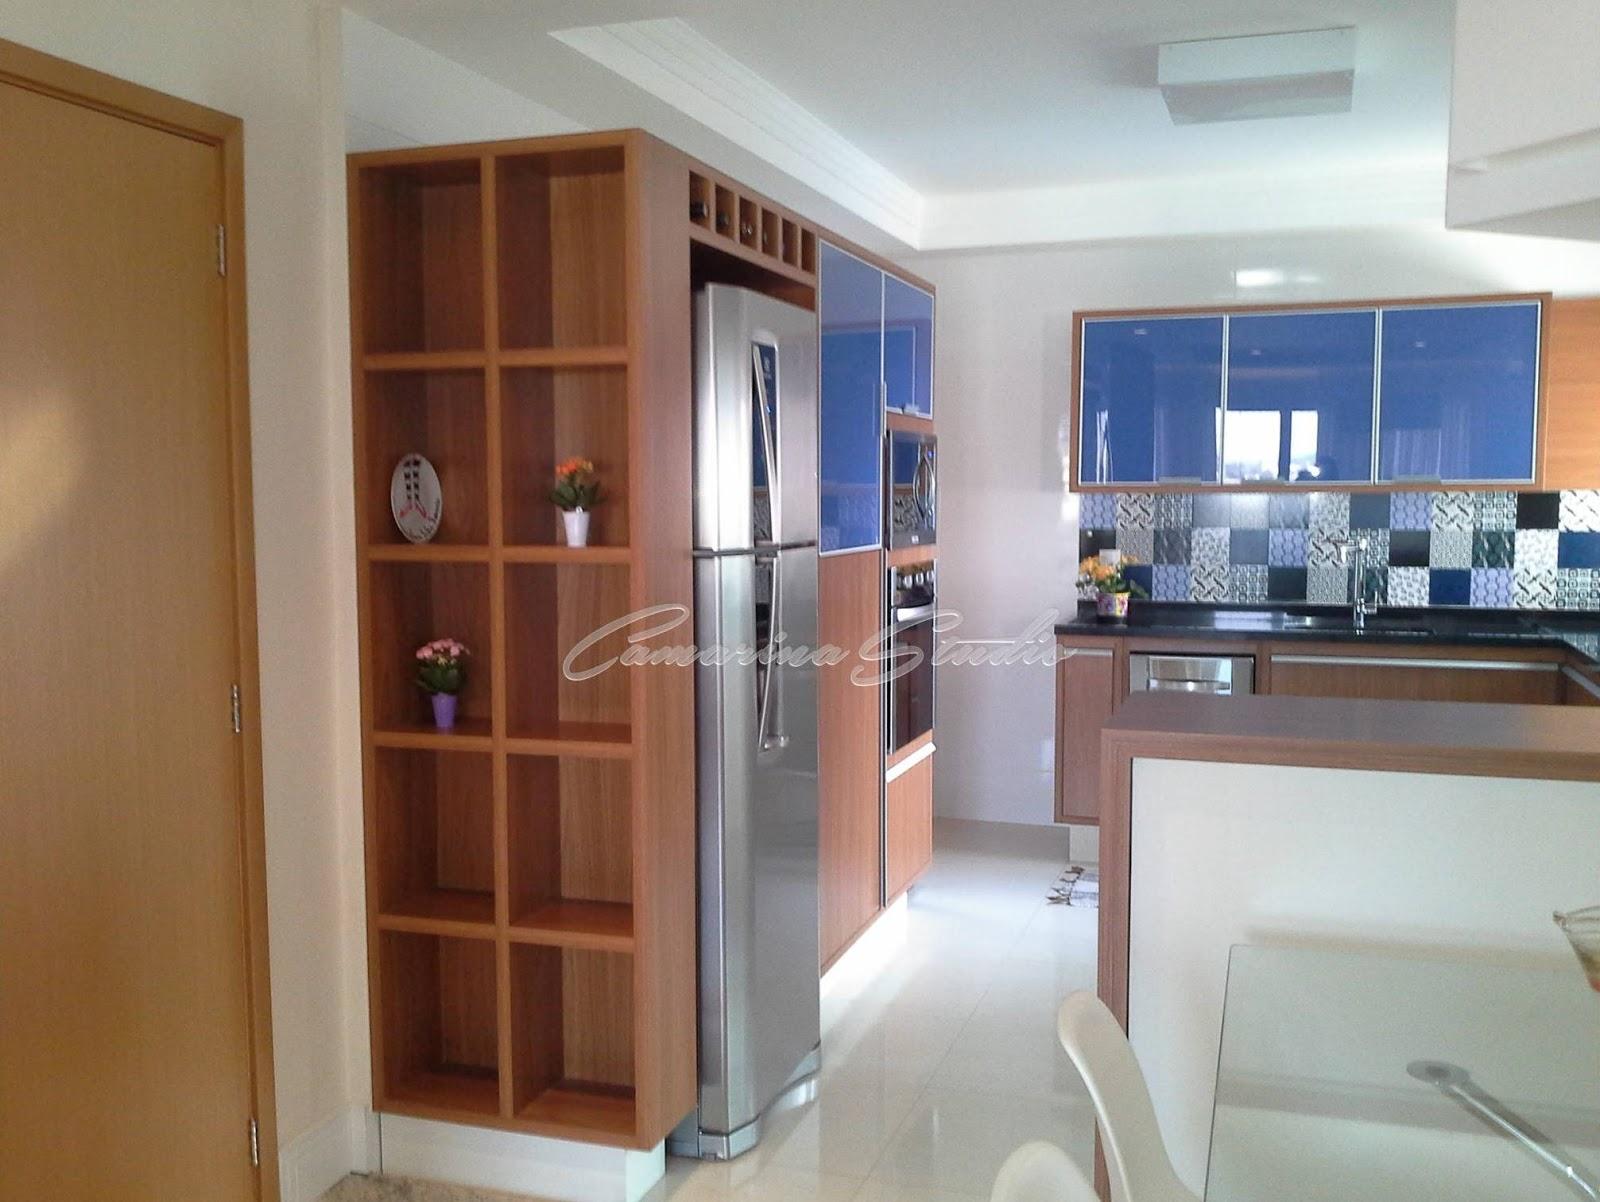 Design de Interiores por Érica Marina Ribeirão Preto: Cozinha  #6D3F27 1600 1202